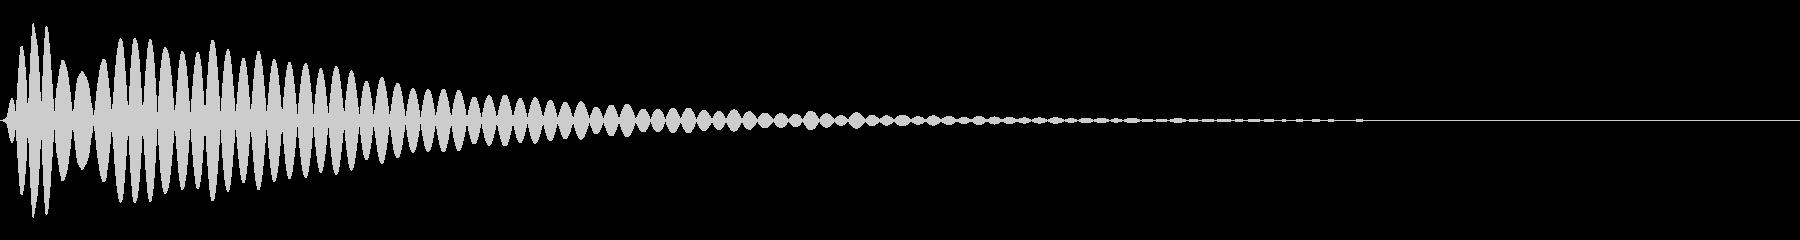 水中:低周波の衝撃水中の水滴、落下...の未再生の波形